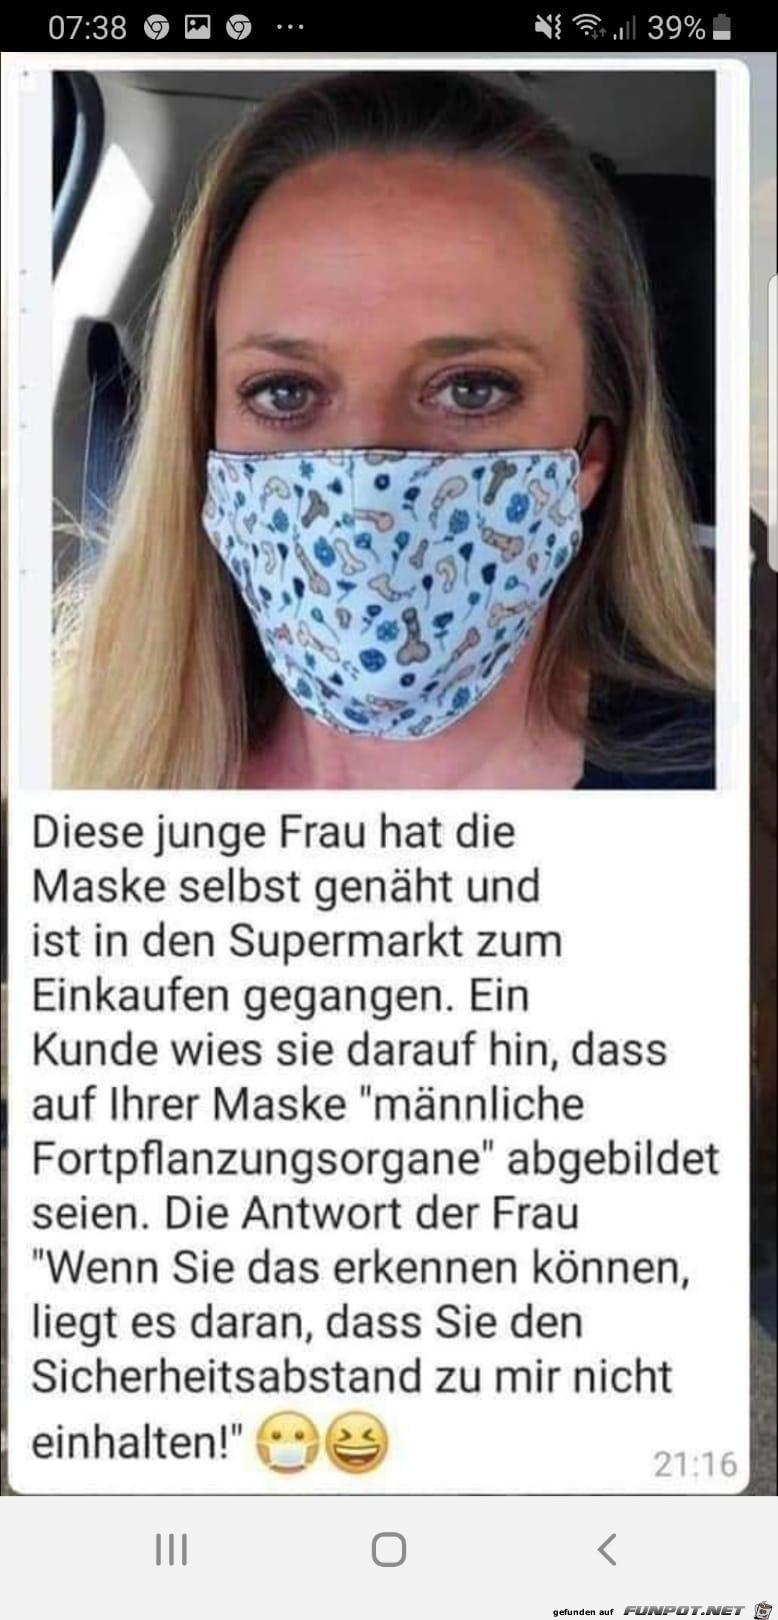 Sehr spezielle Maske